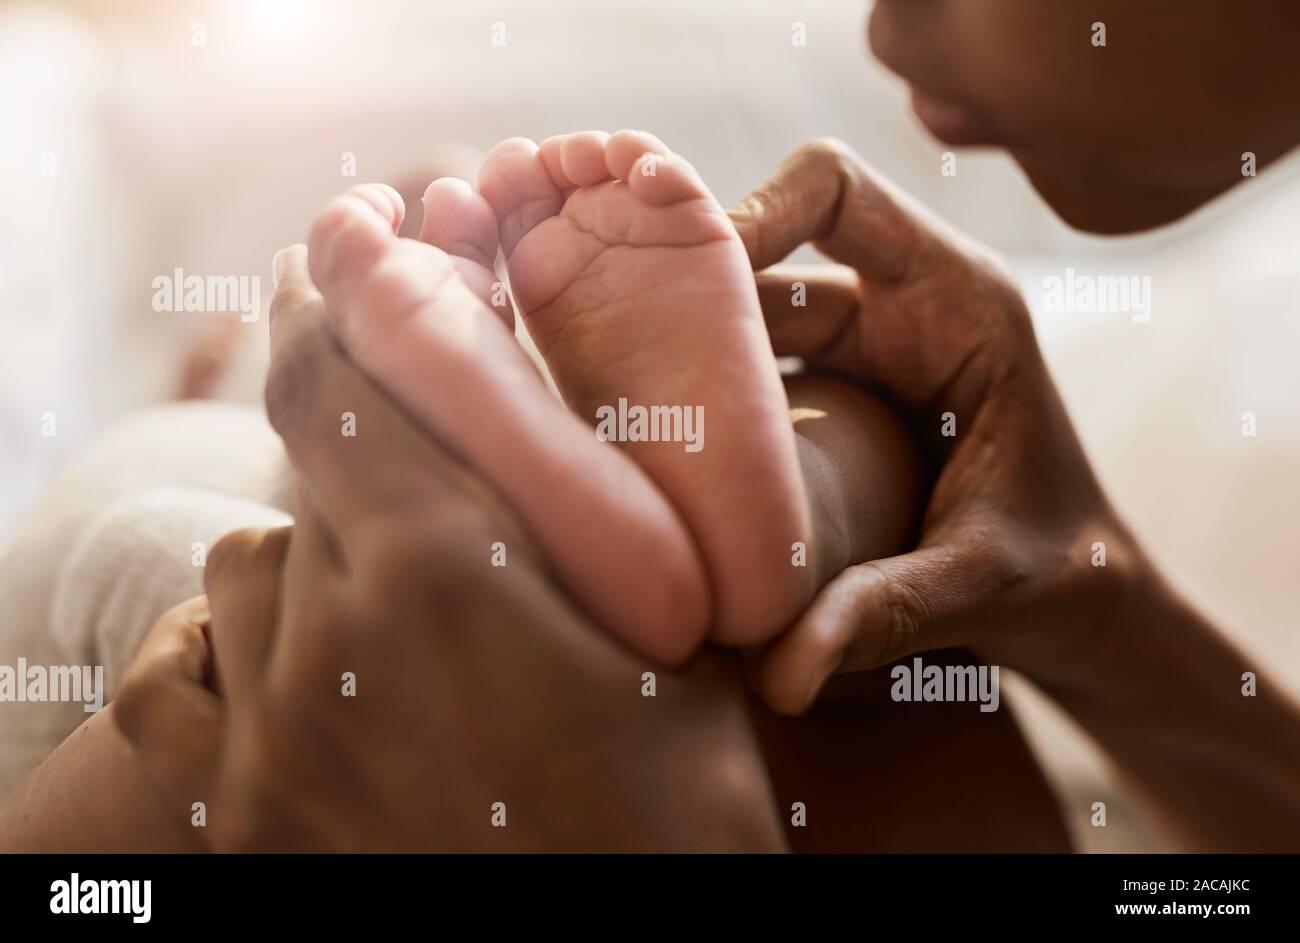 Close Up retrato de mujer afroamericana celebración diminutos pies de lindo bebé en la luz del sol, espacio de copia Foto de stock